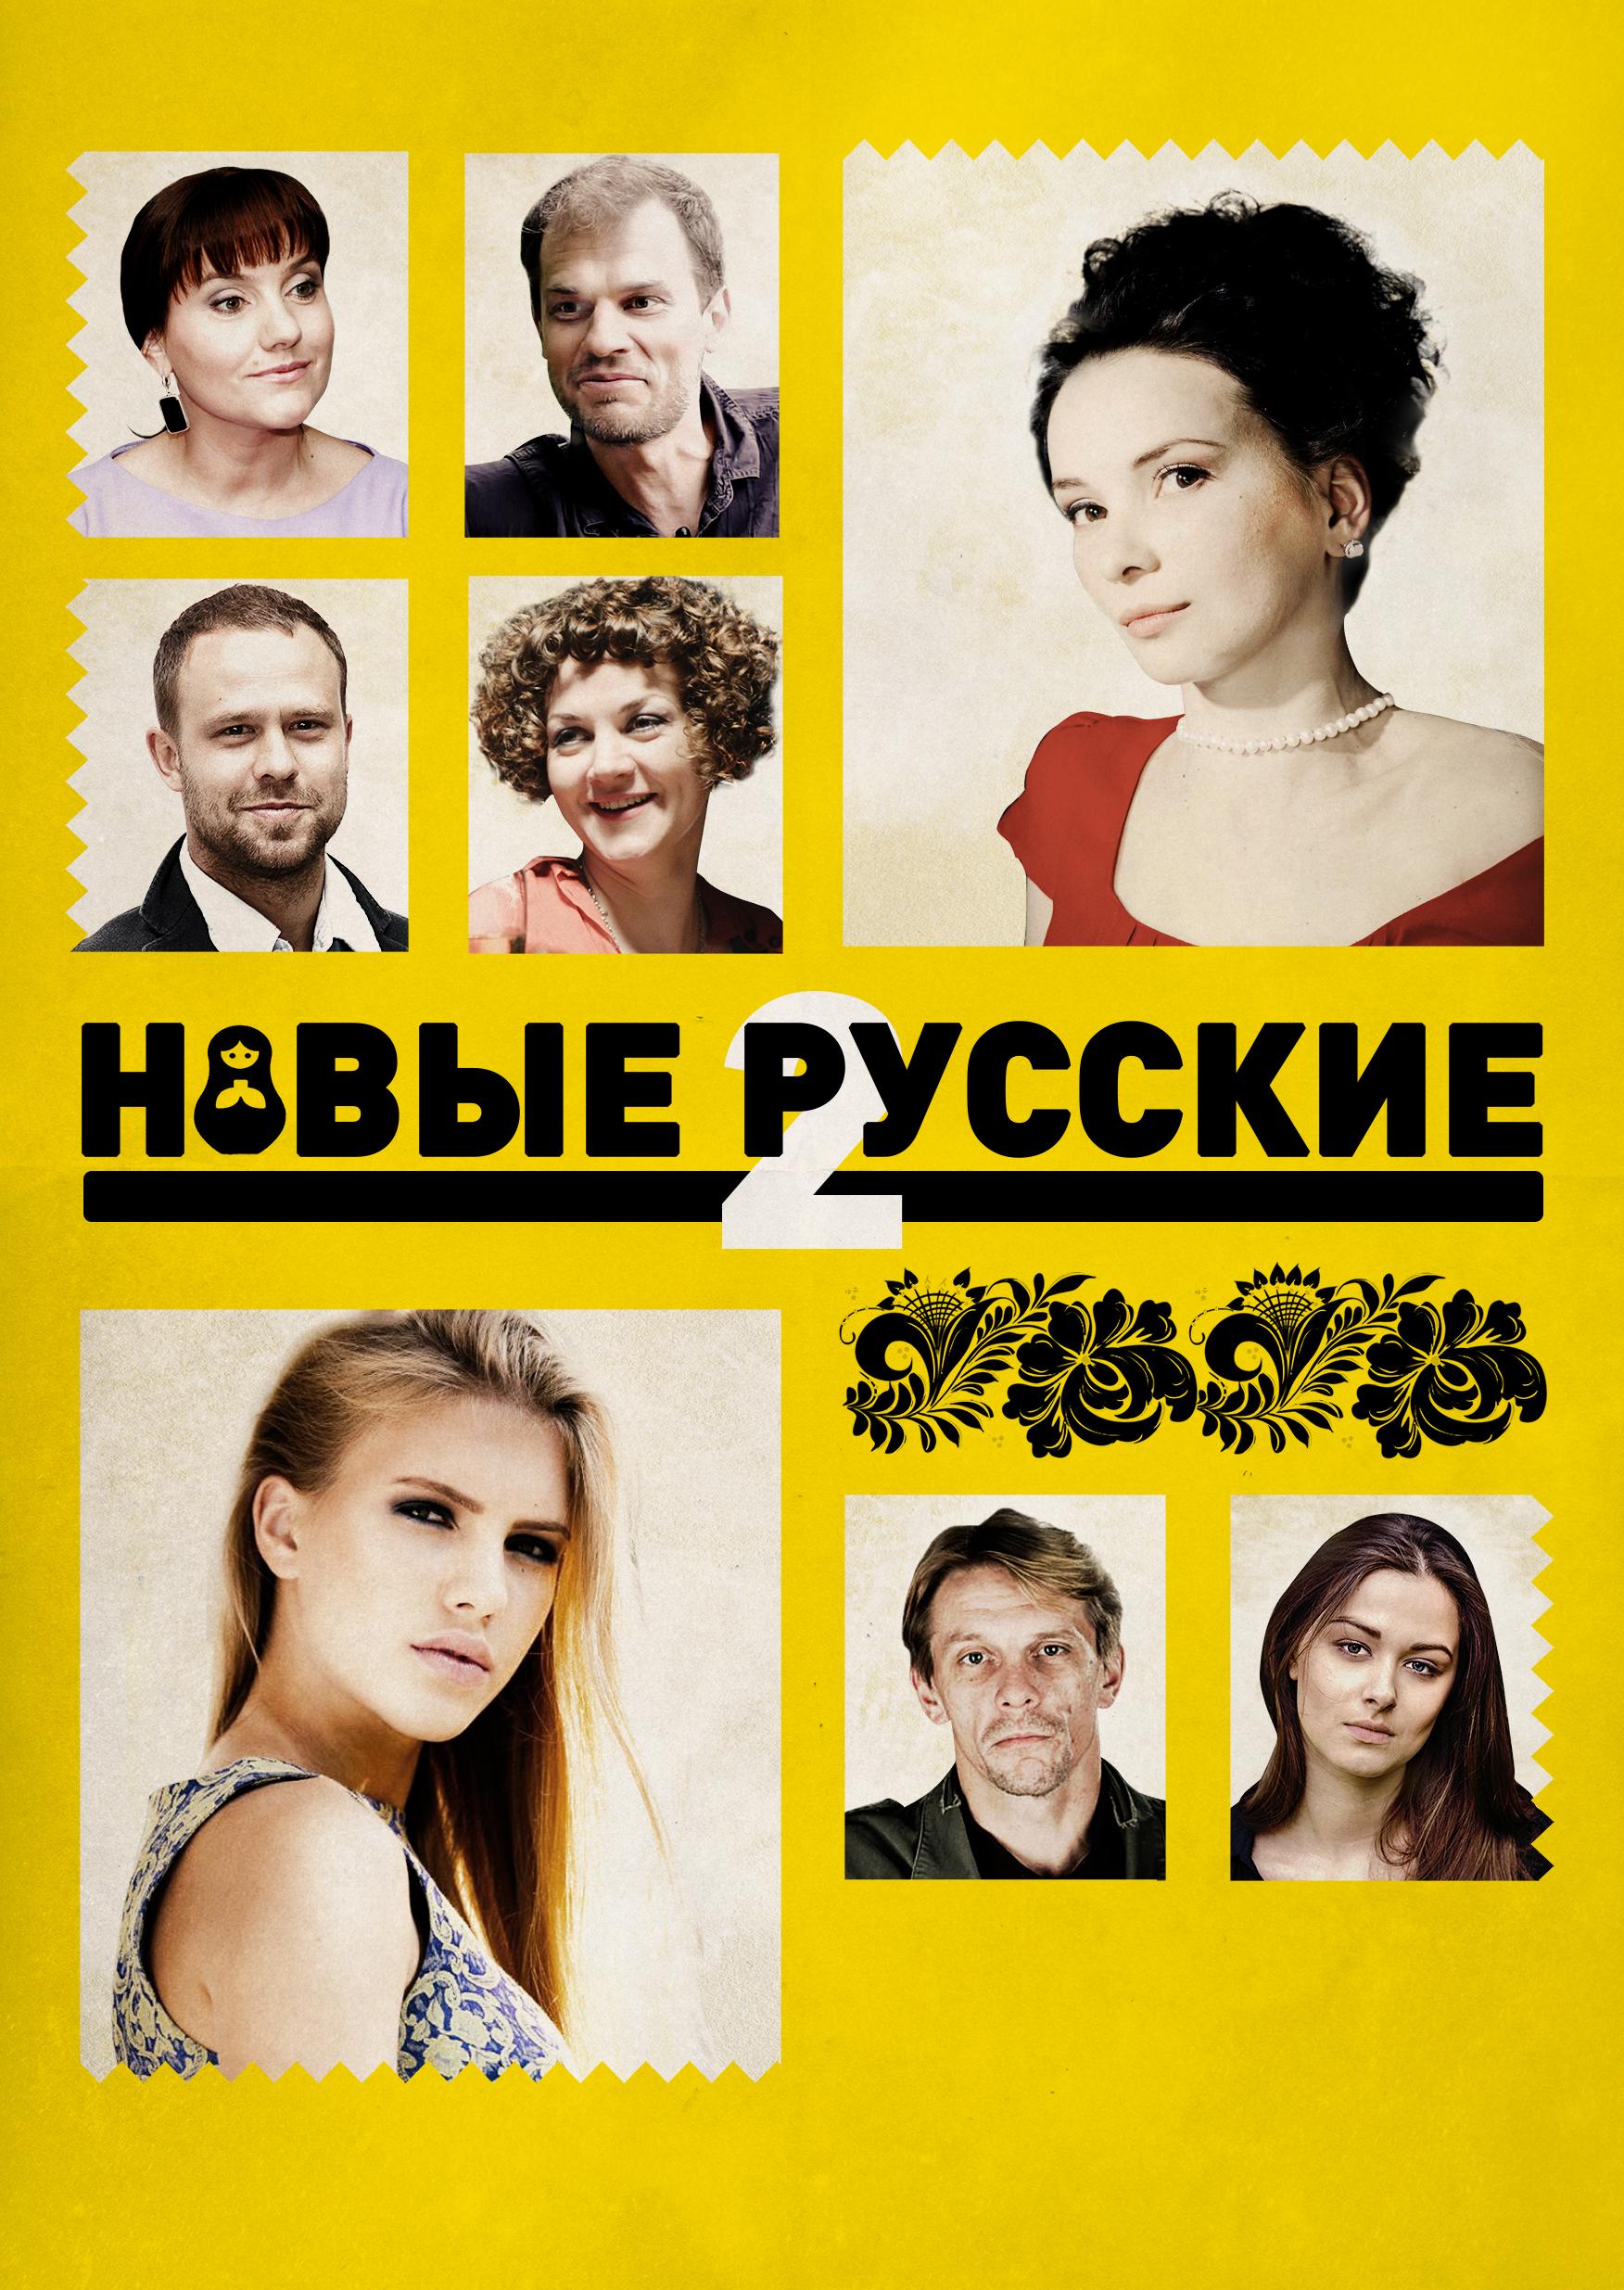 Трейлер: Новые русские2